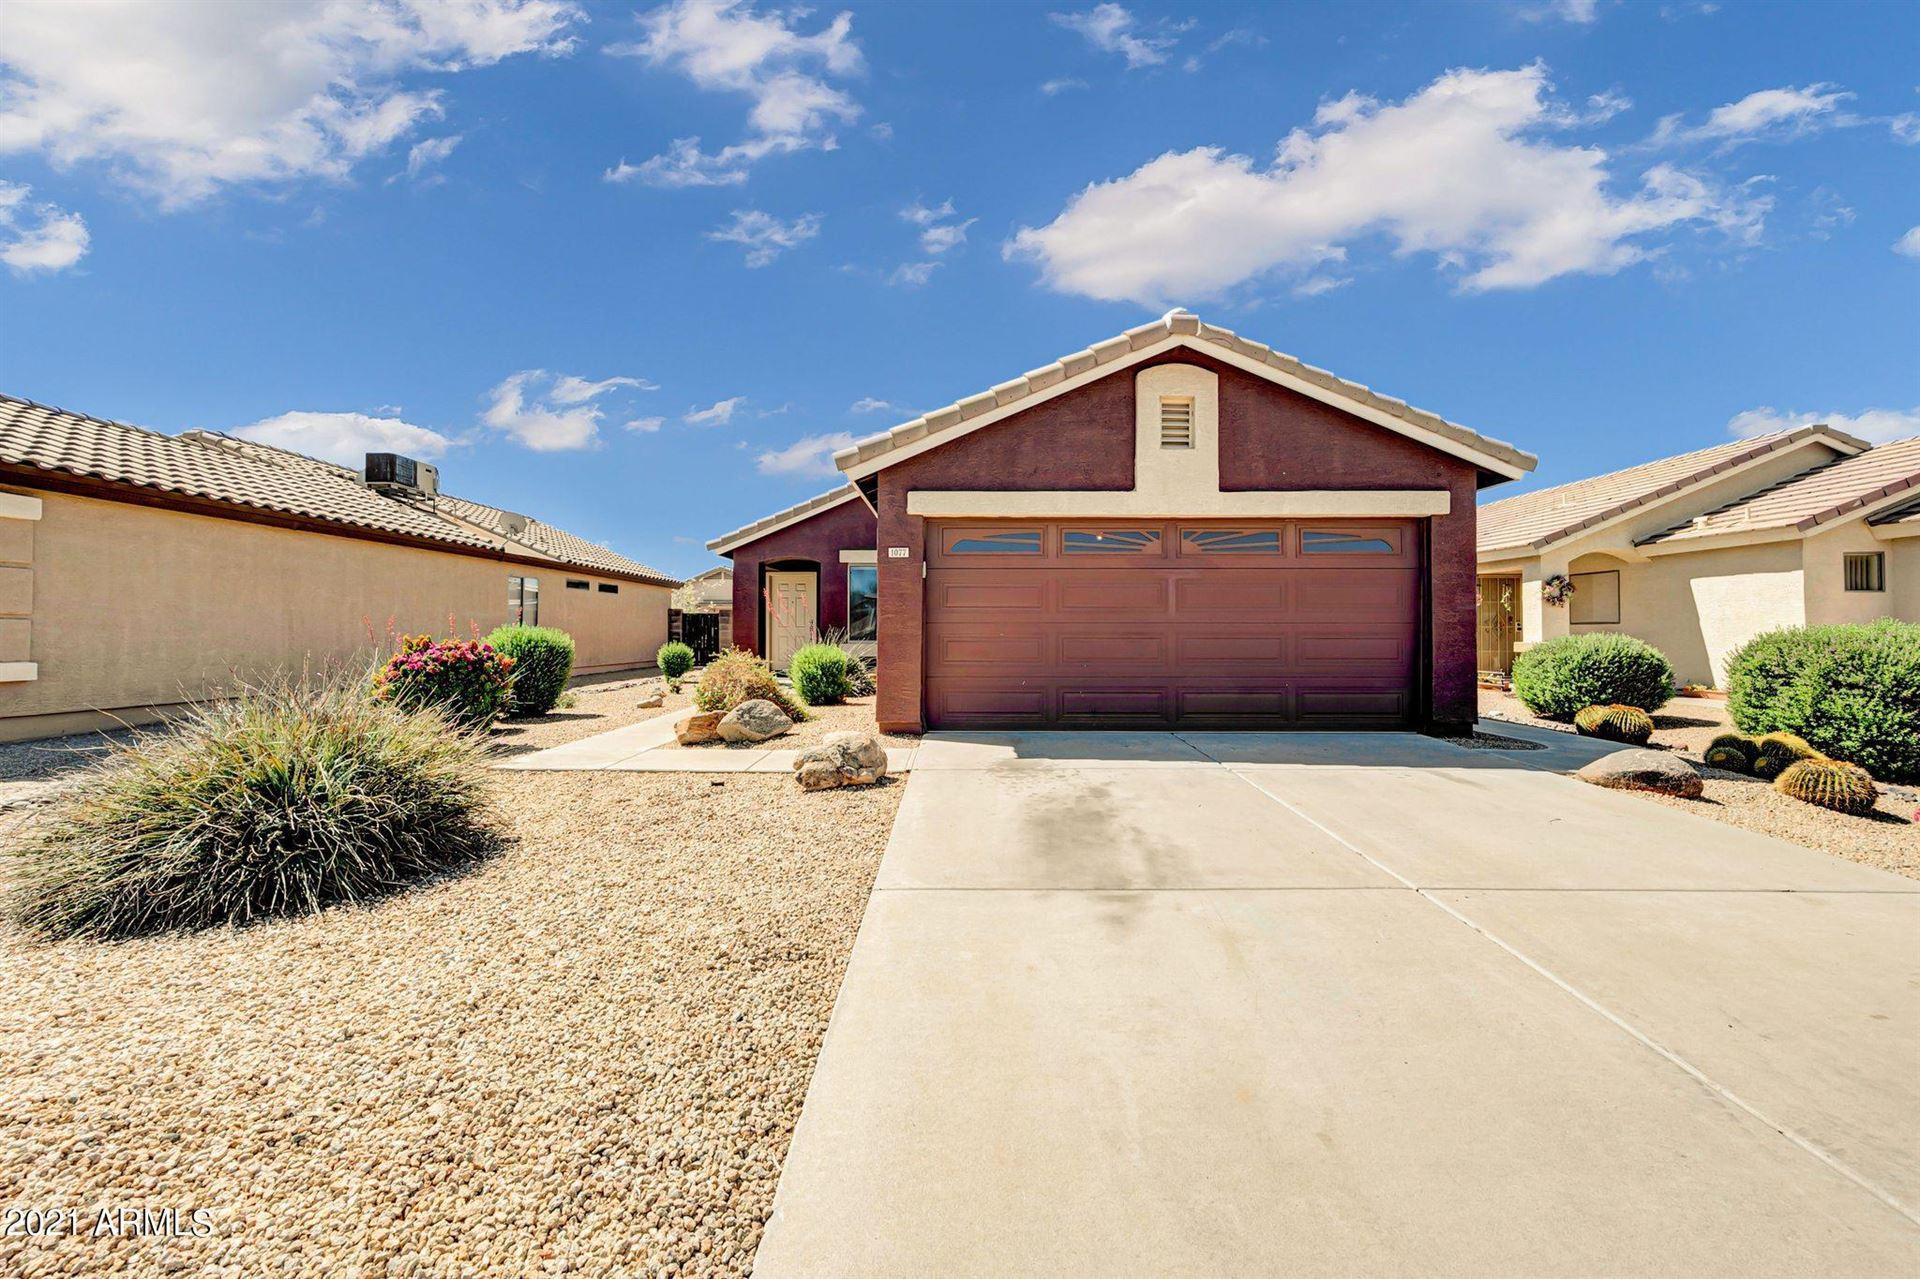 Photo of 1077 E GRAHAM Lane, Apache Junction, AZ 85119 (MLS # 6231017)